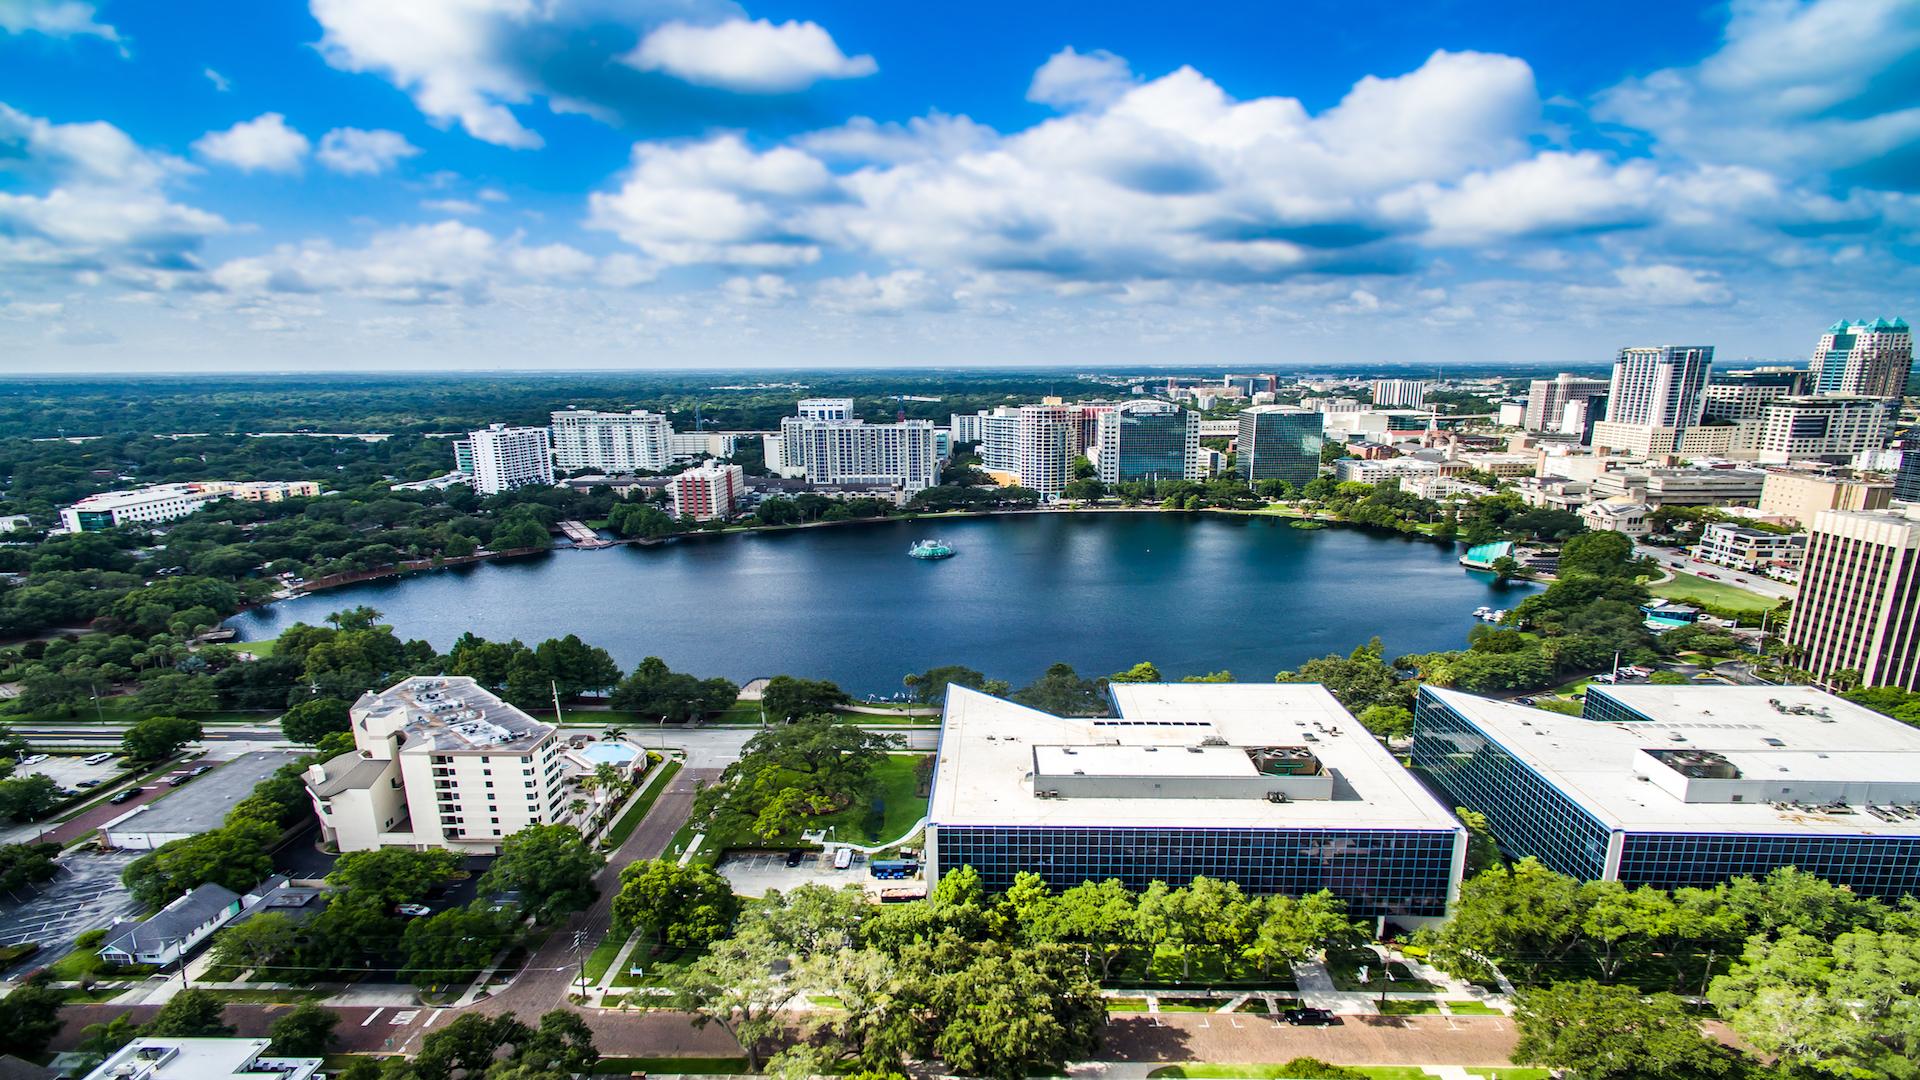 Lake Eola, Downtown Orlando